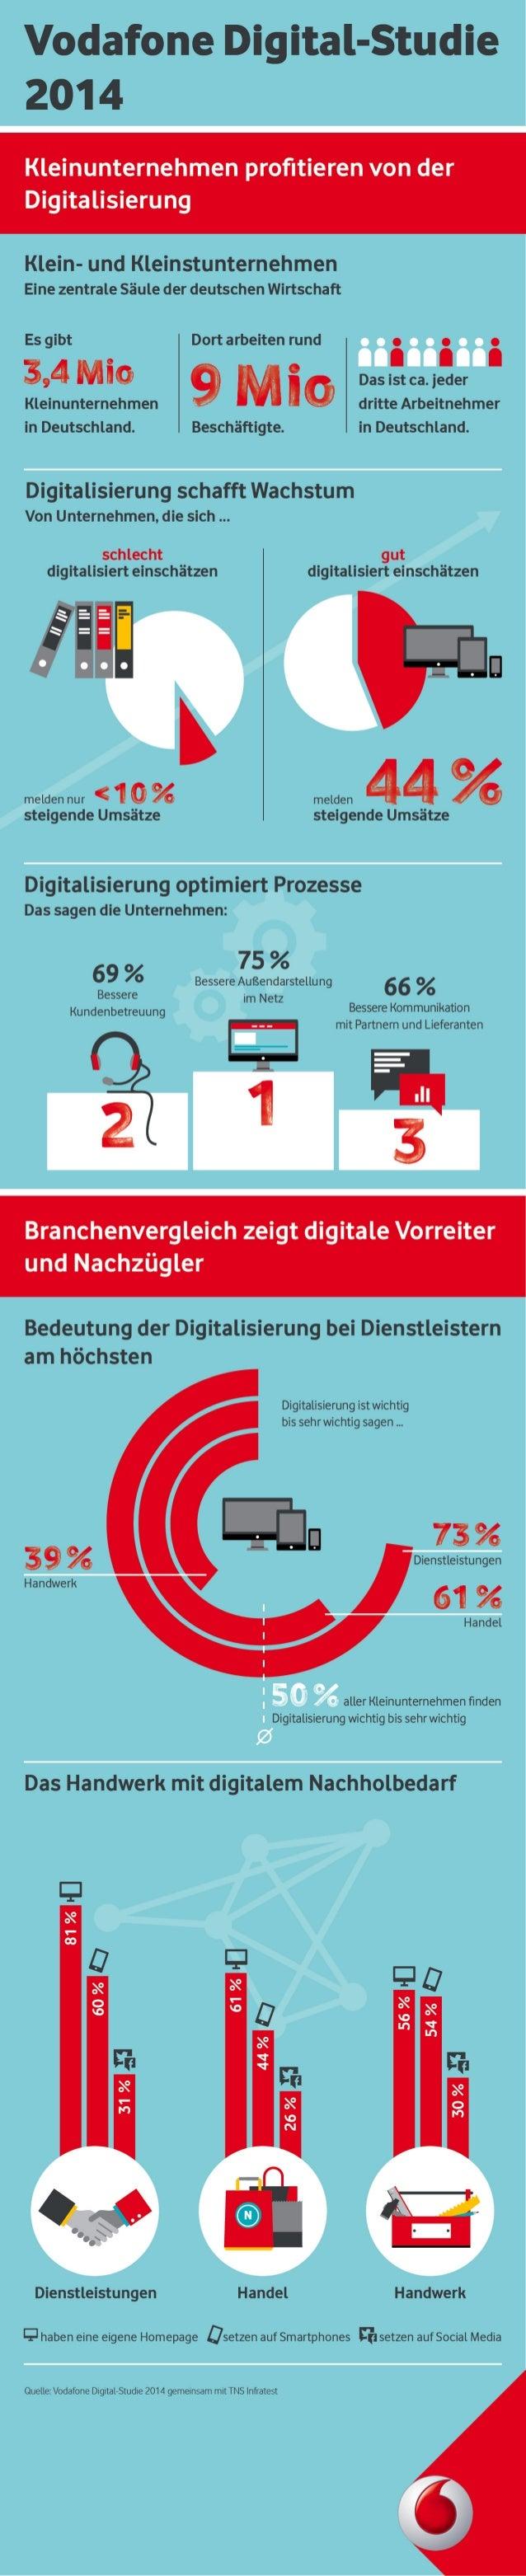 Vodafone Digital-Studie 2014